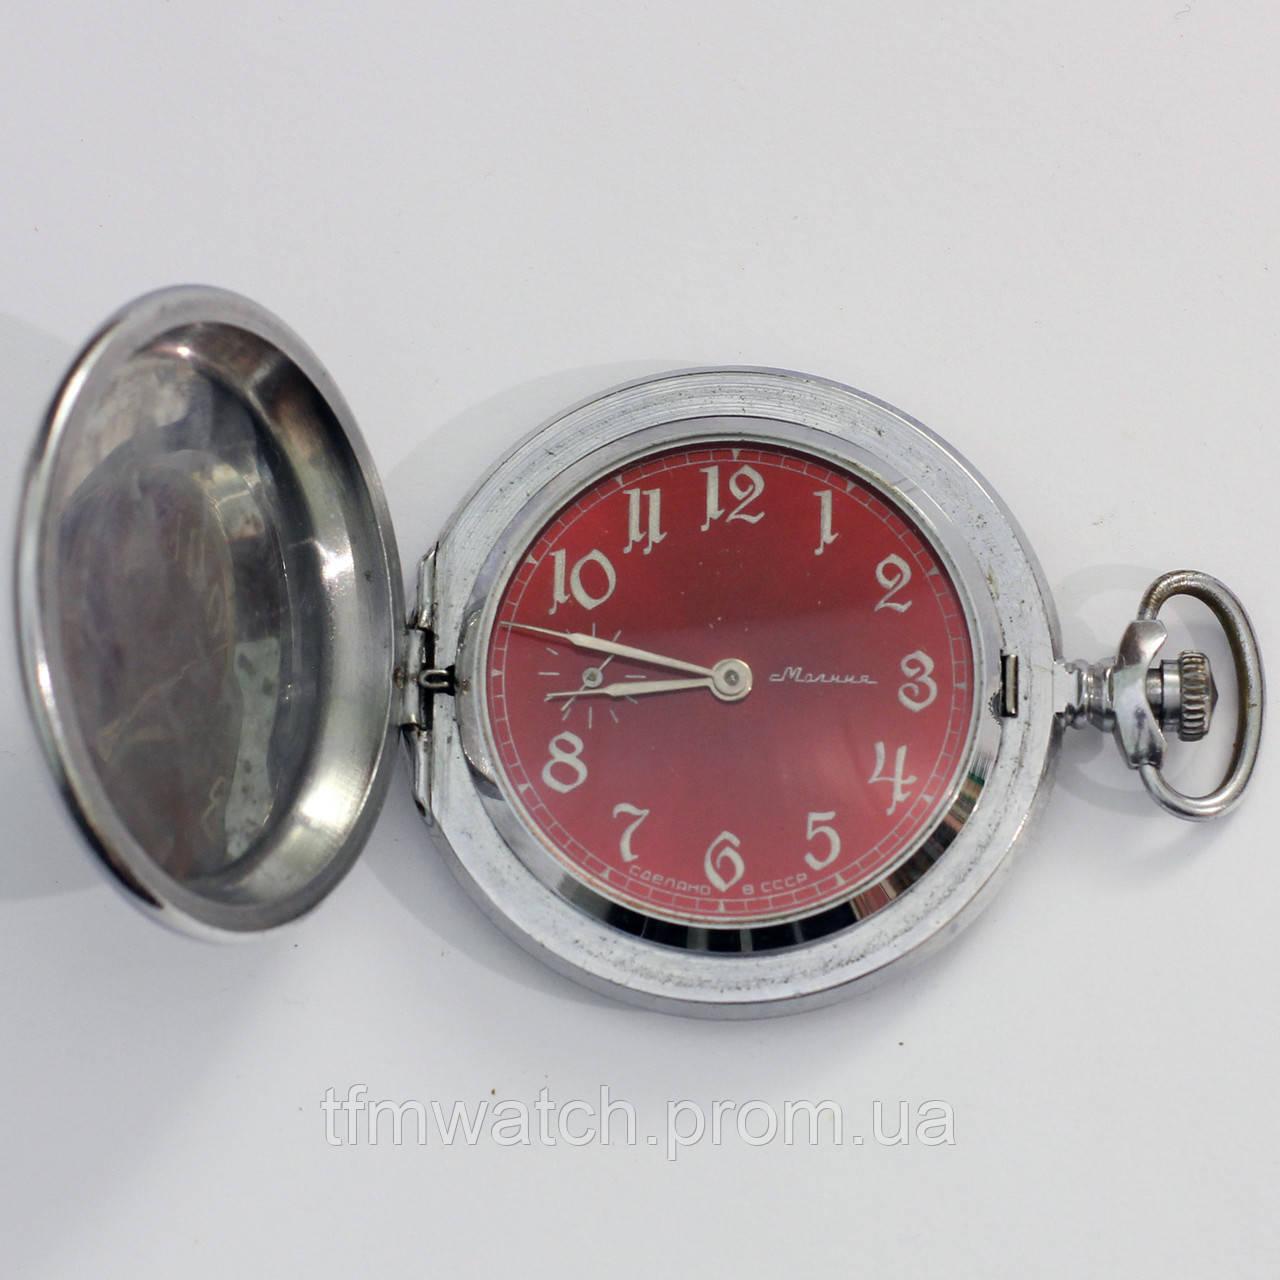 Часы молния купить цена часы мужские металлические купить